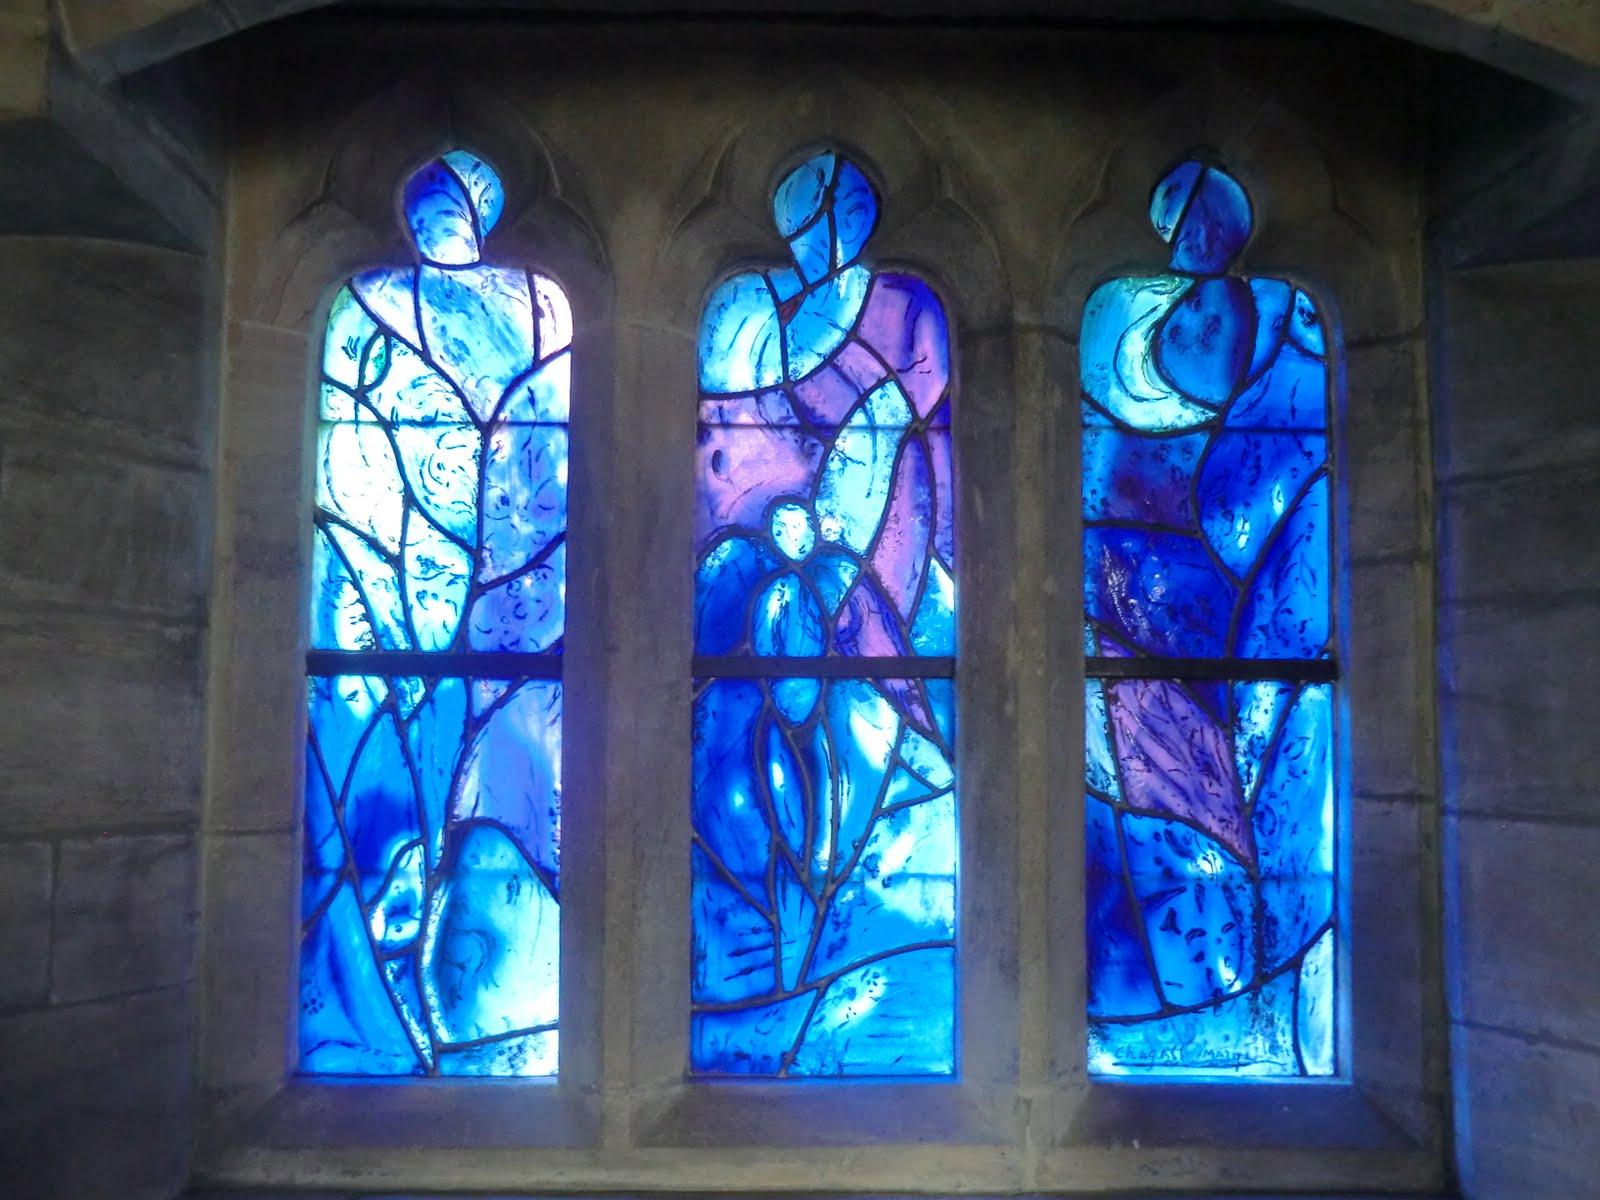 CIMG1561 Chagall window #3, All Saints church